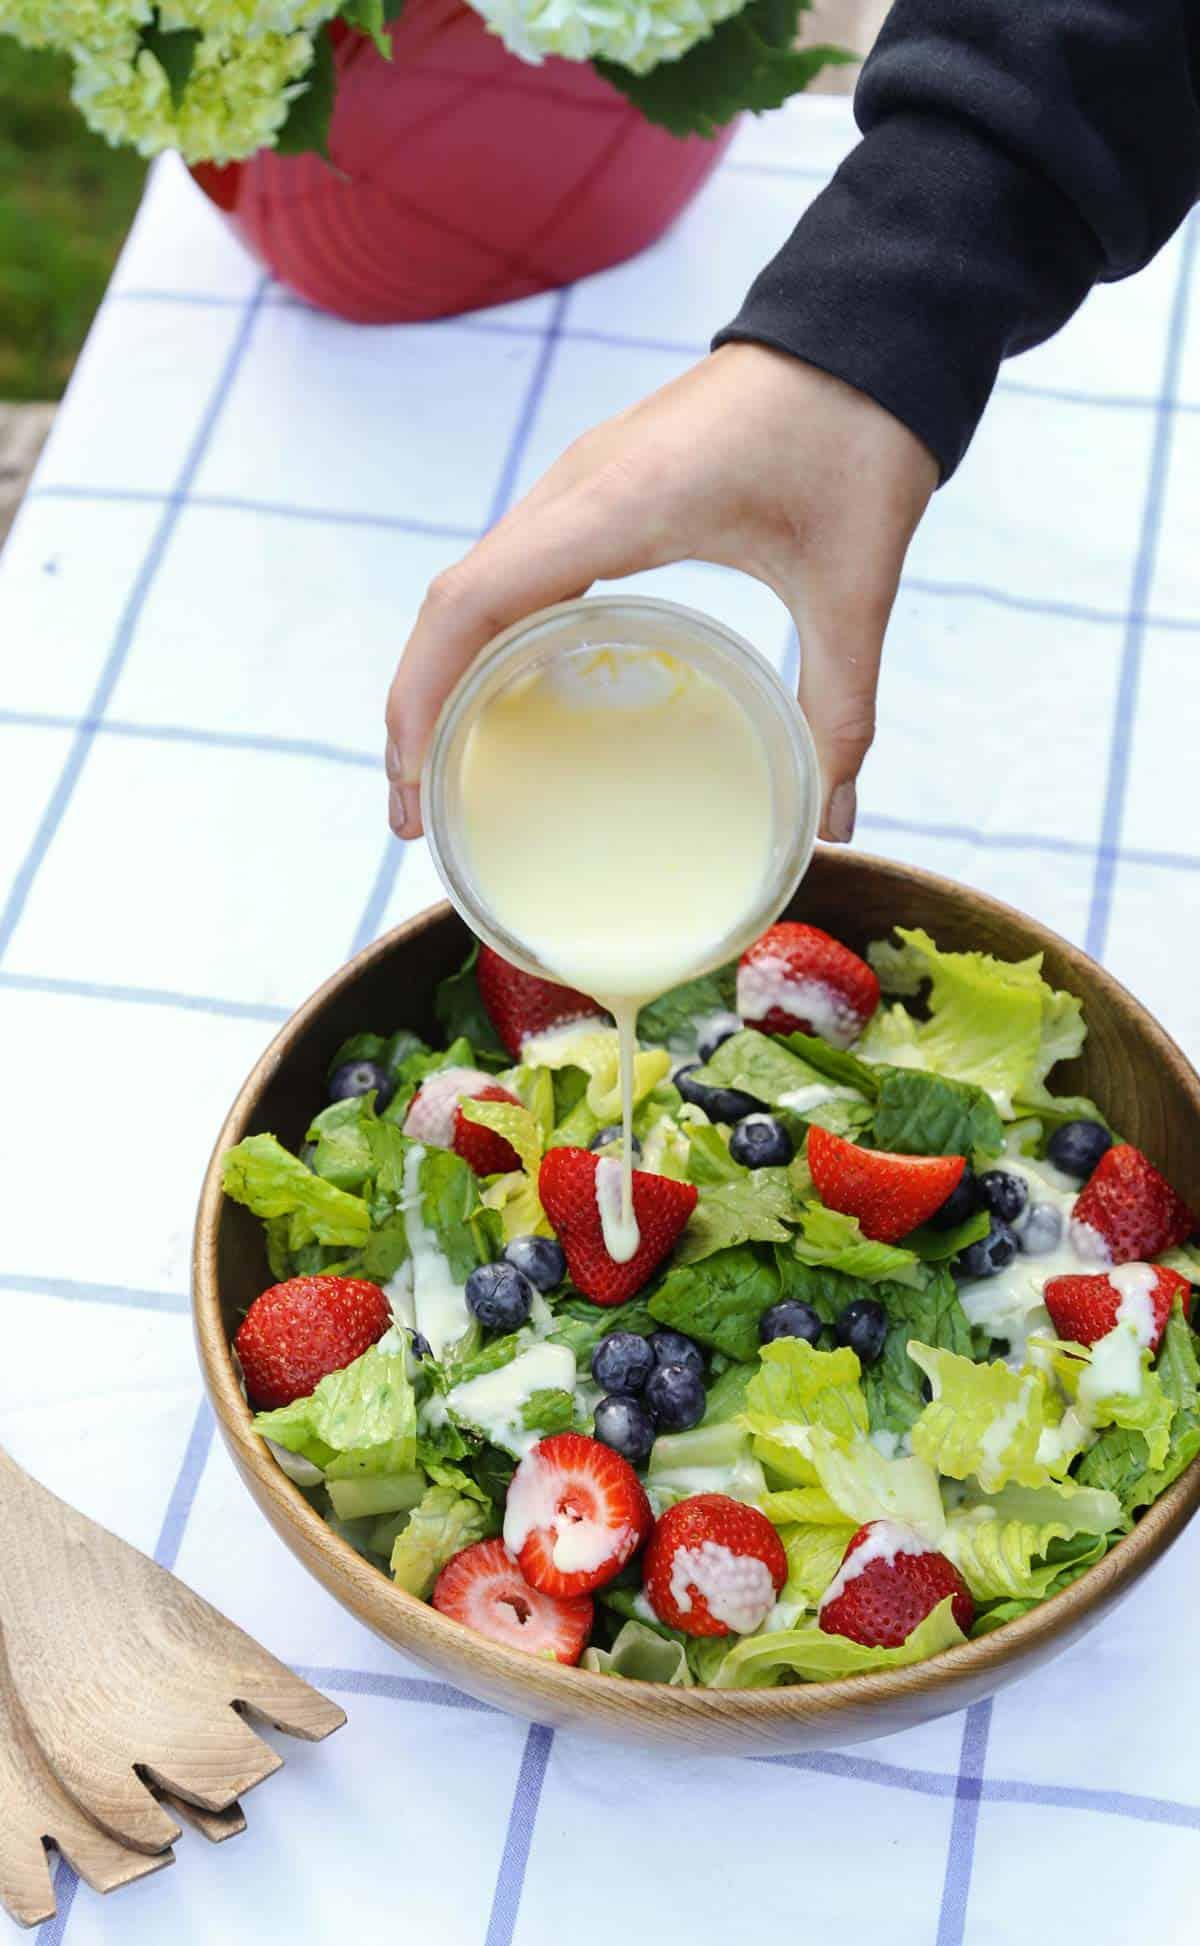 Lemon salad dressing on a cold summer salad